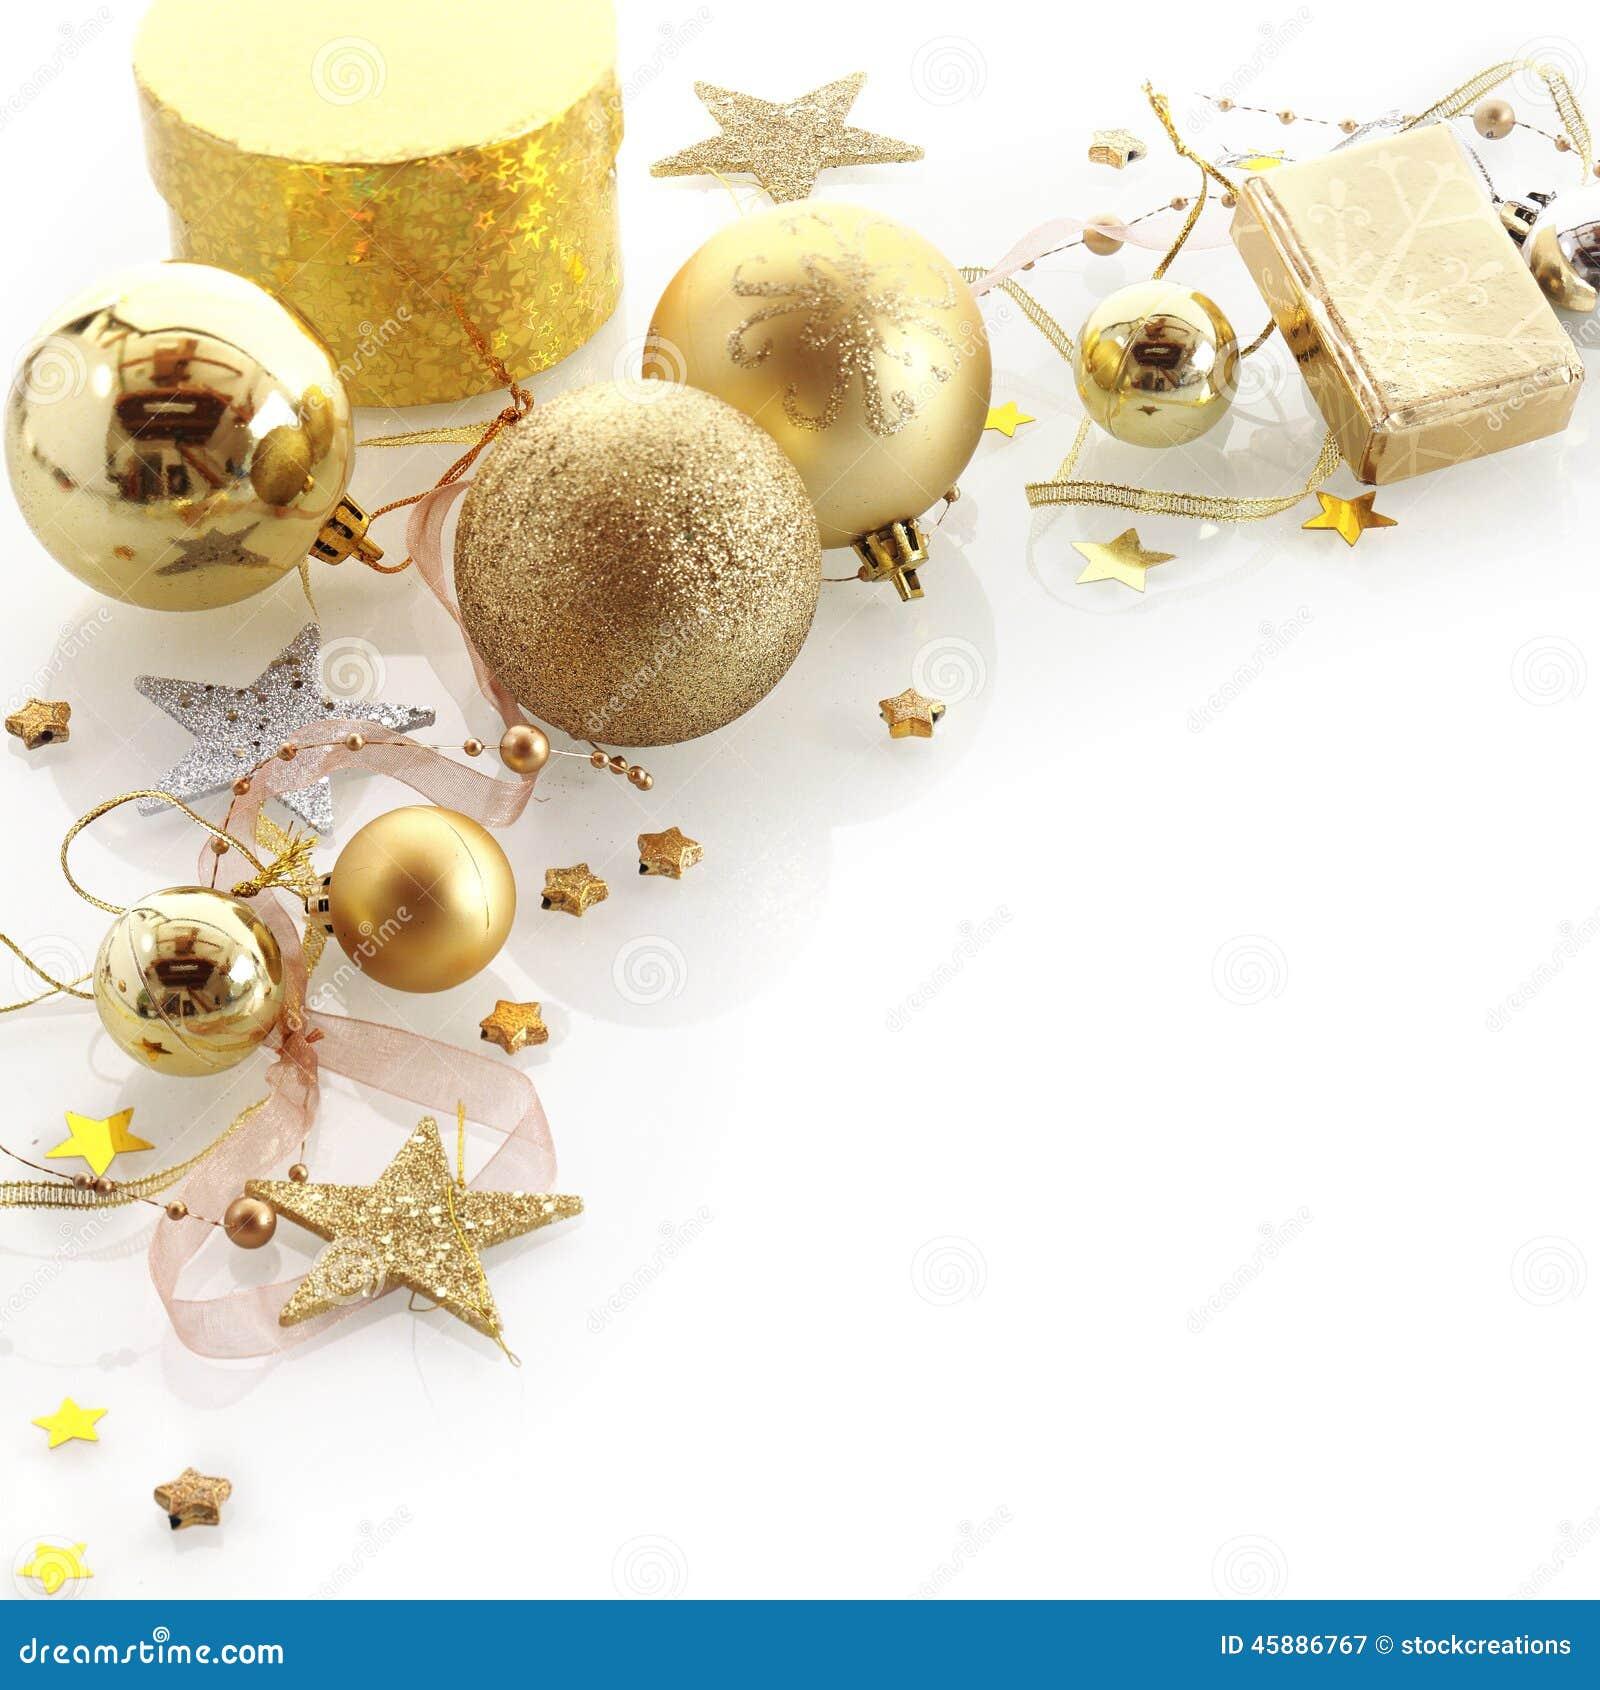 Stylish Gold Christmas Corner Border Stock Image - Image ...